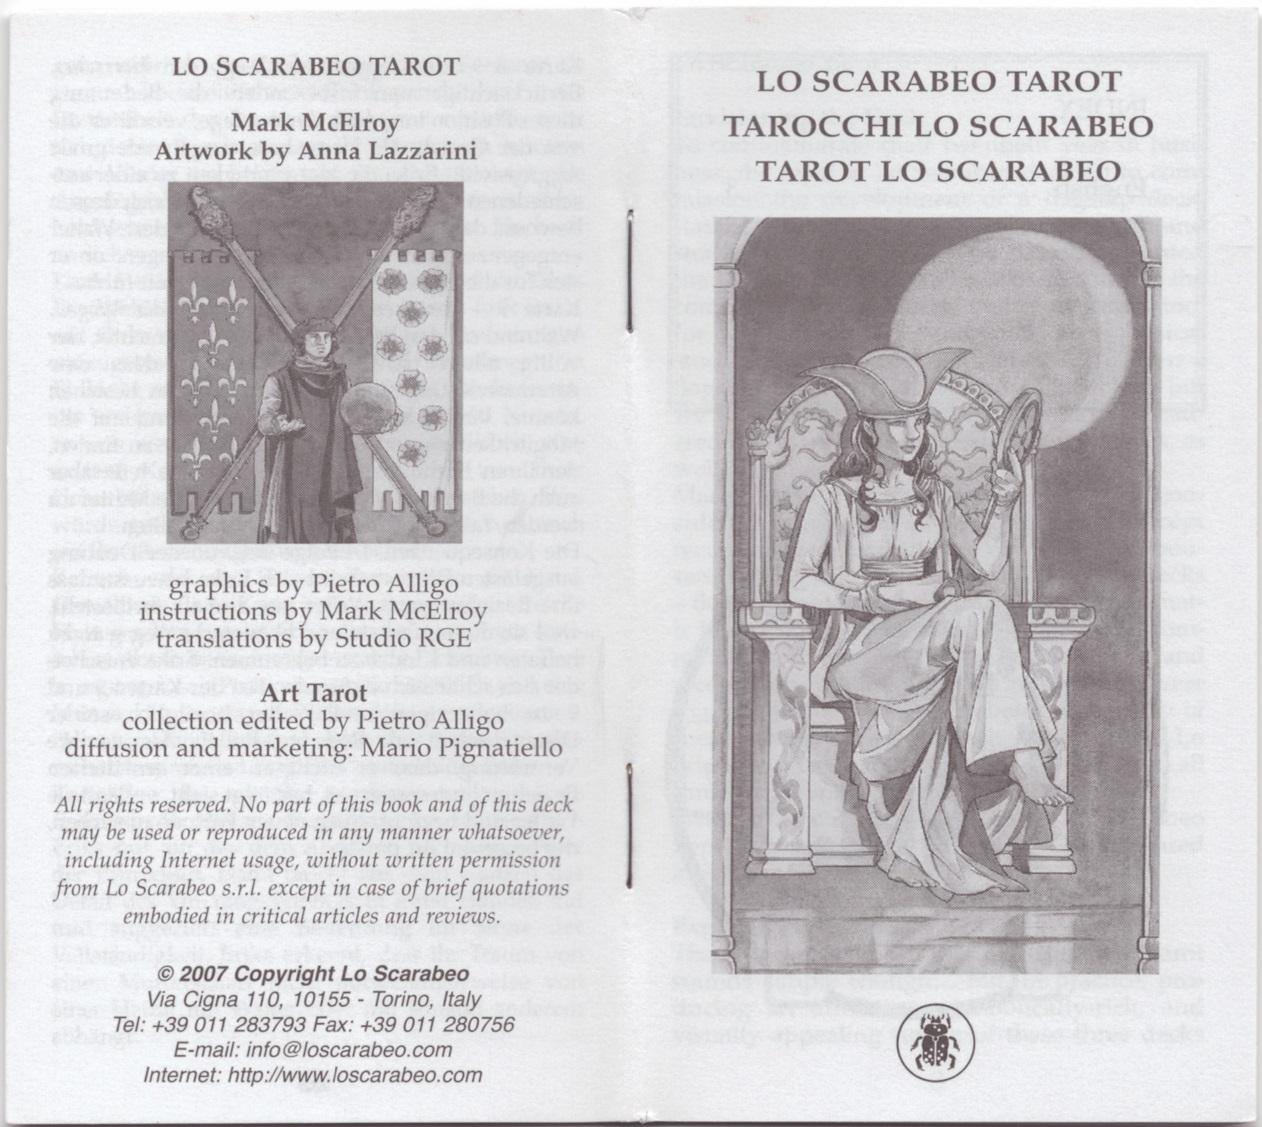 LoScarabeo_LWB.jpg